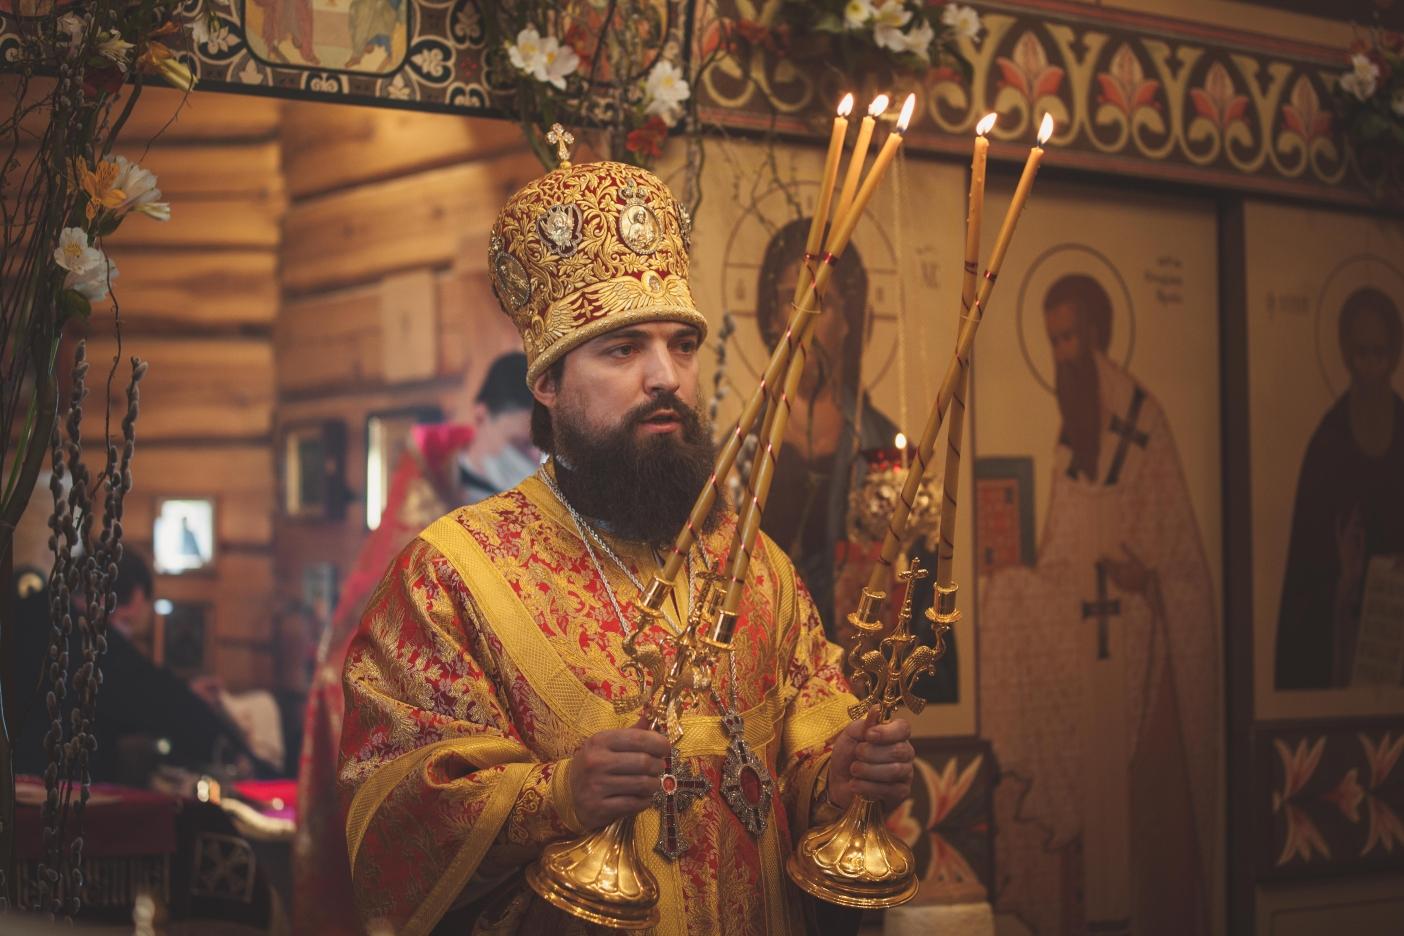 Епископ Таганрогский Артемий освятил иконы, написанные студентами иконописного отделения ДДС